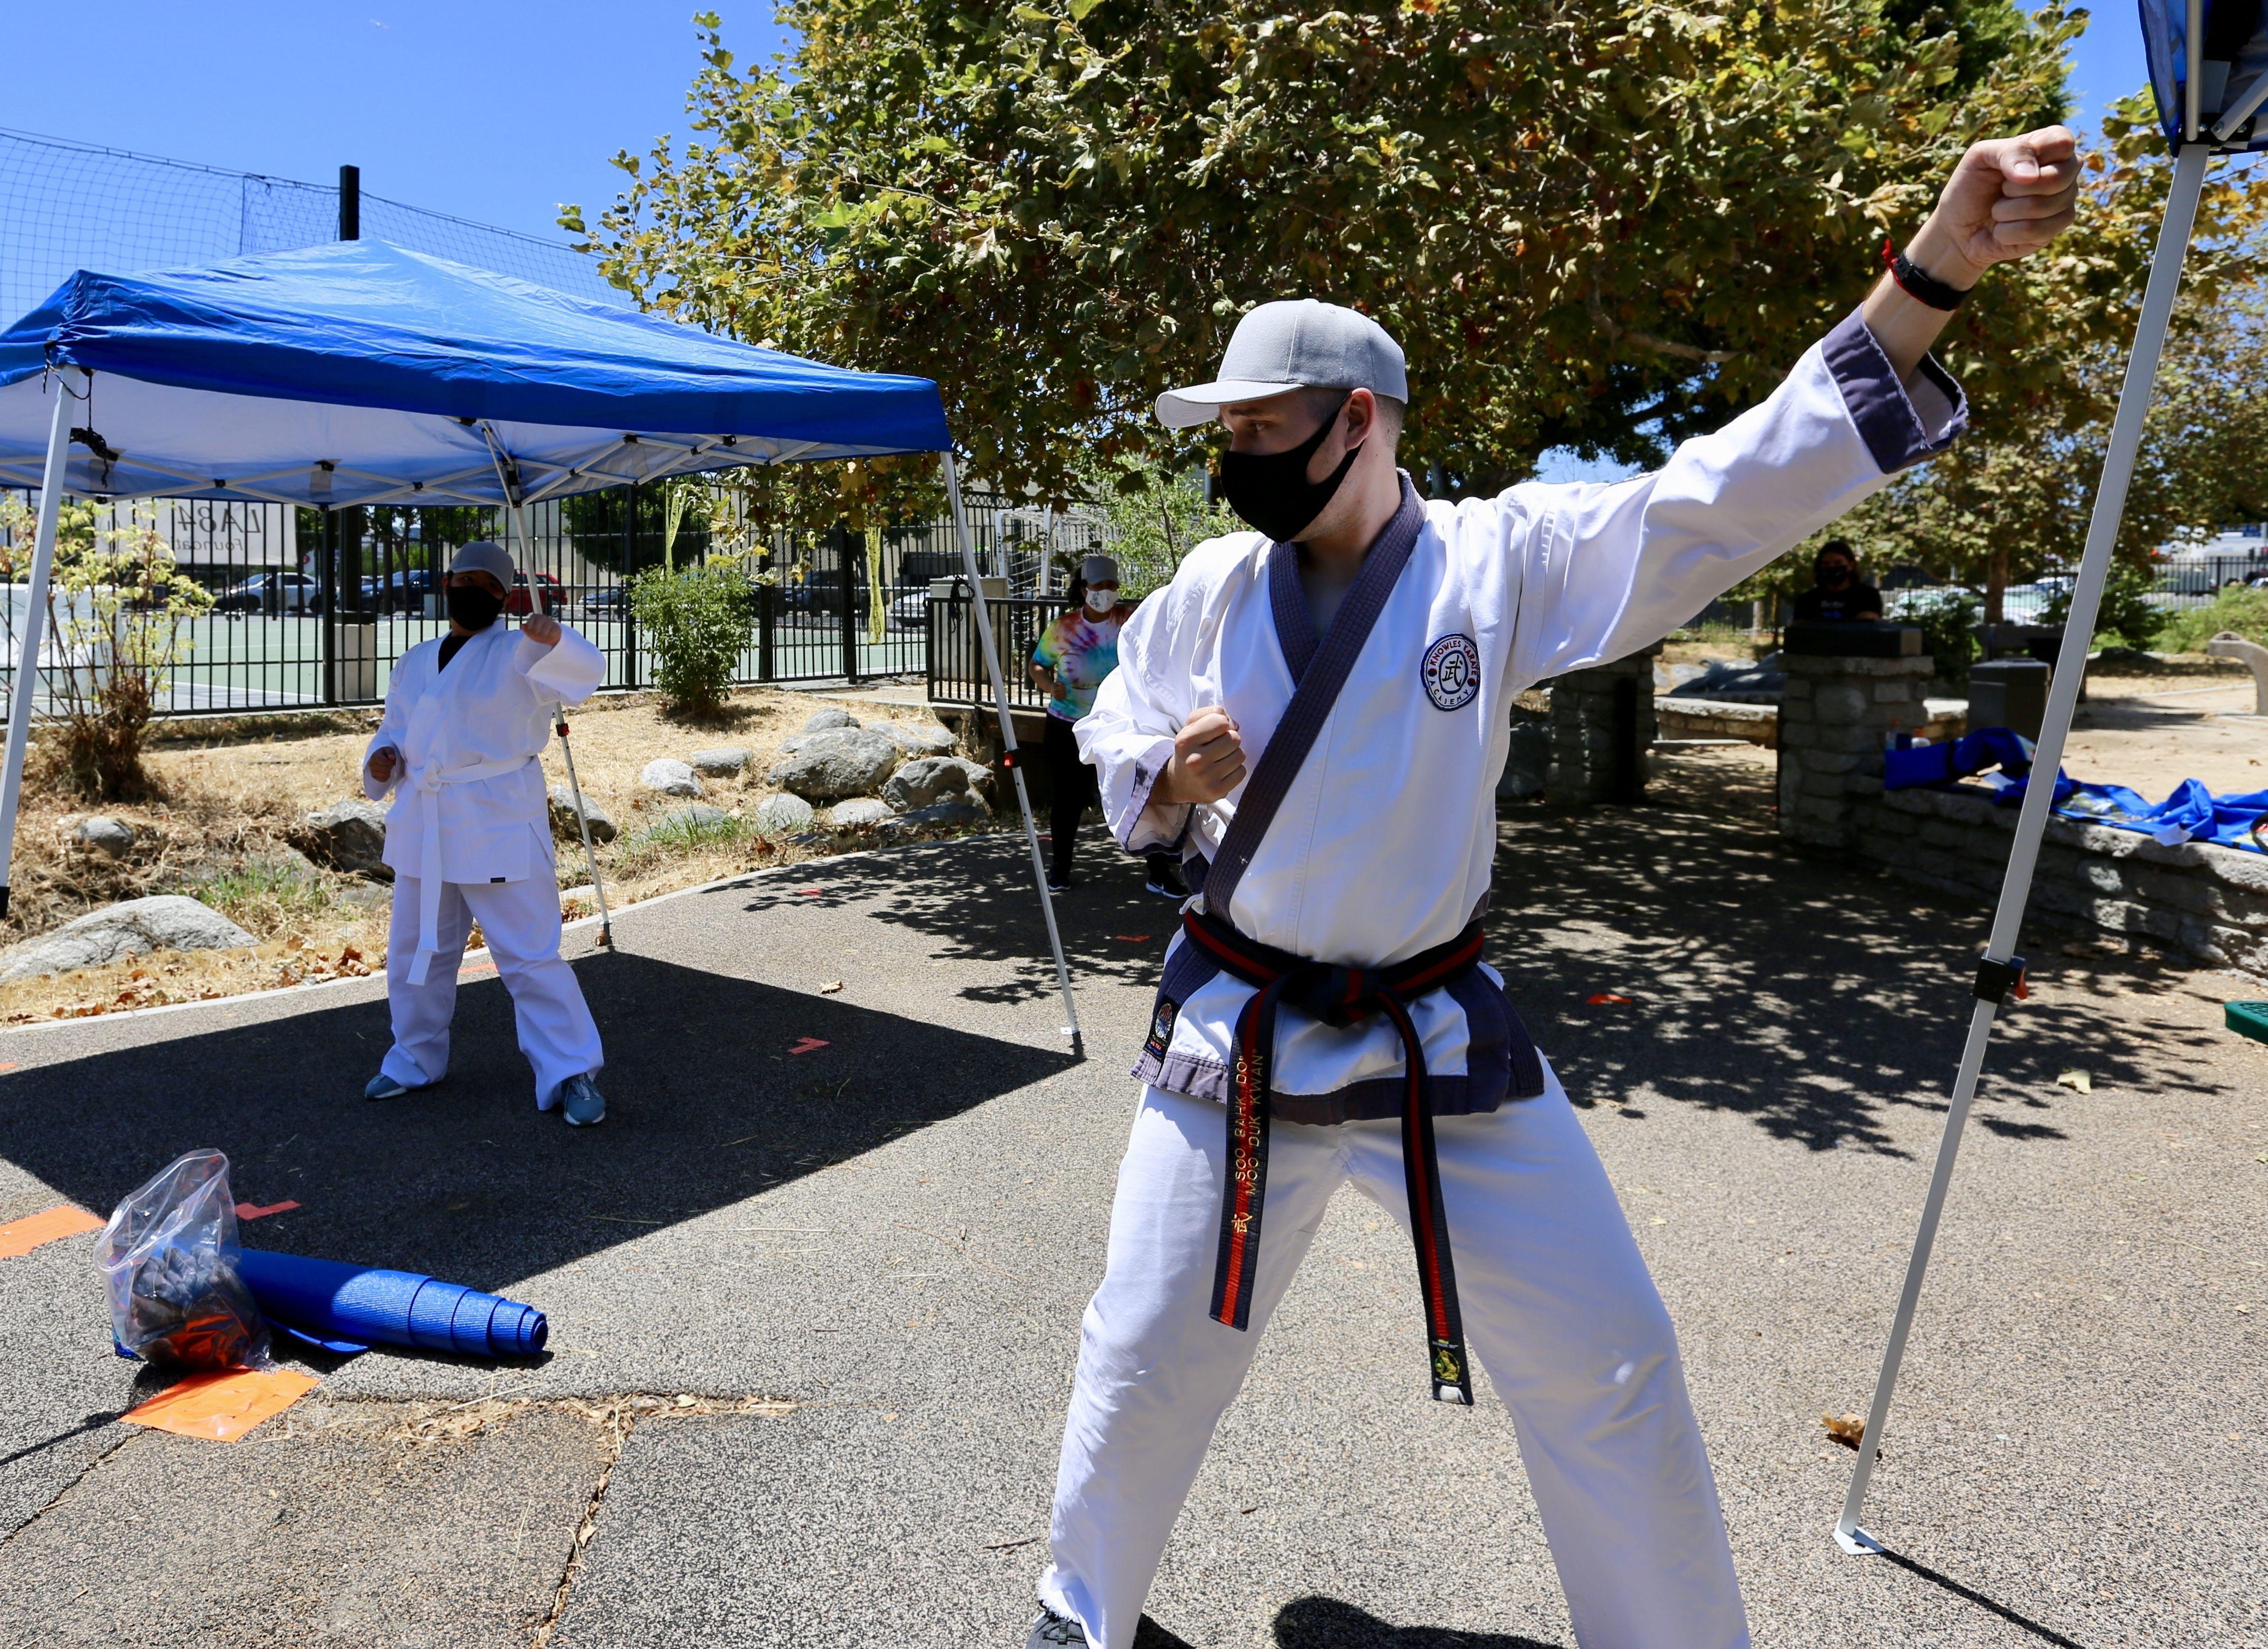 BAM - Karate